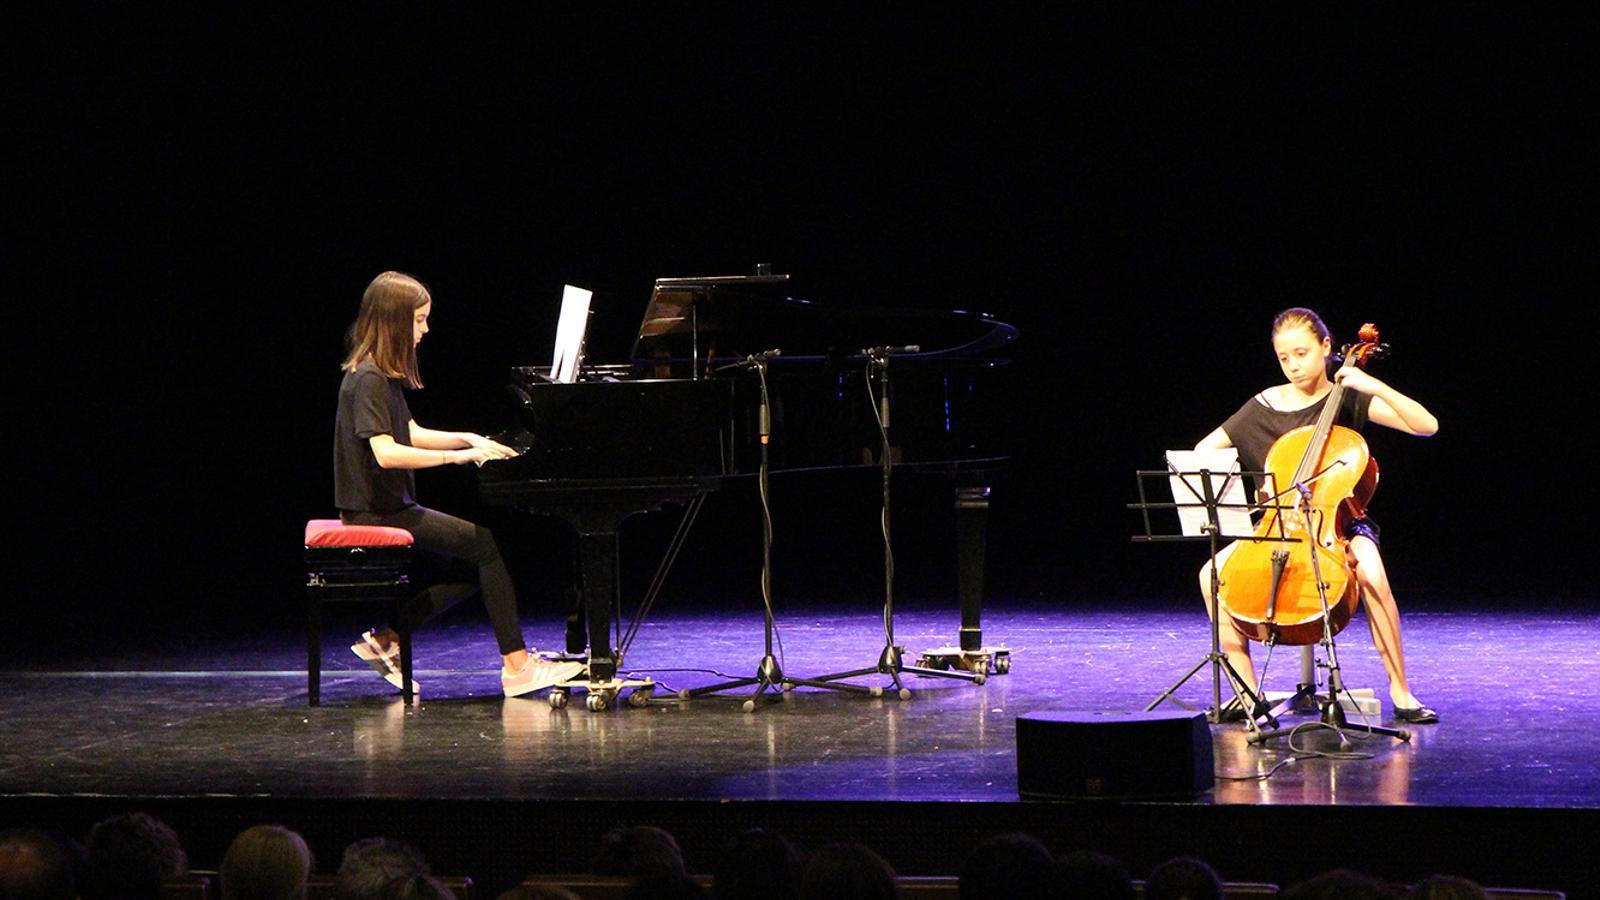 Els alumnes de l'Institut de Música i Dansa d'Andorra la Vella, durant l'actuació. / M. F. (ANA)